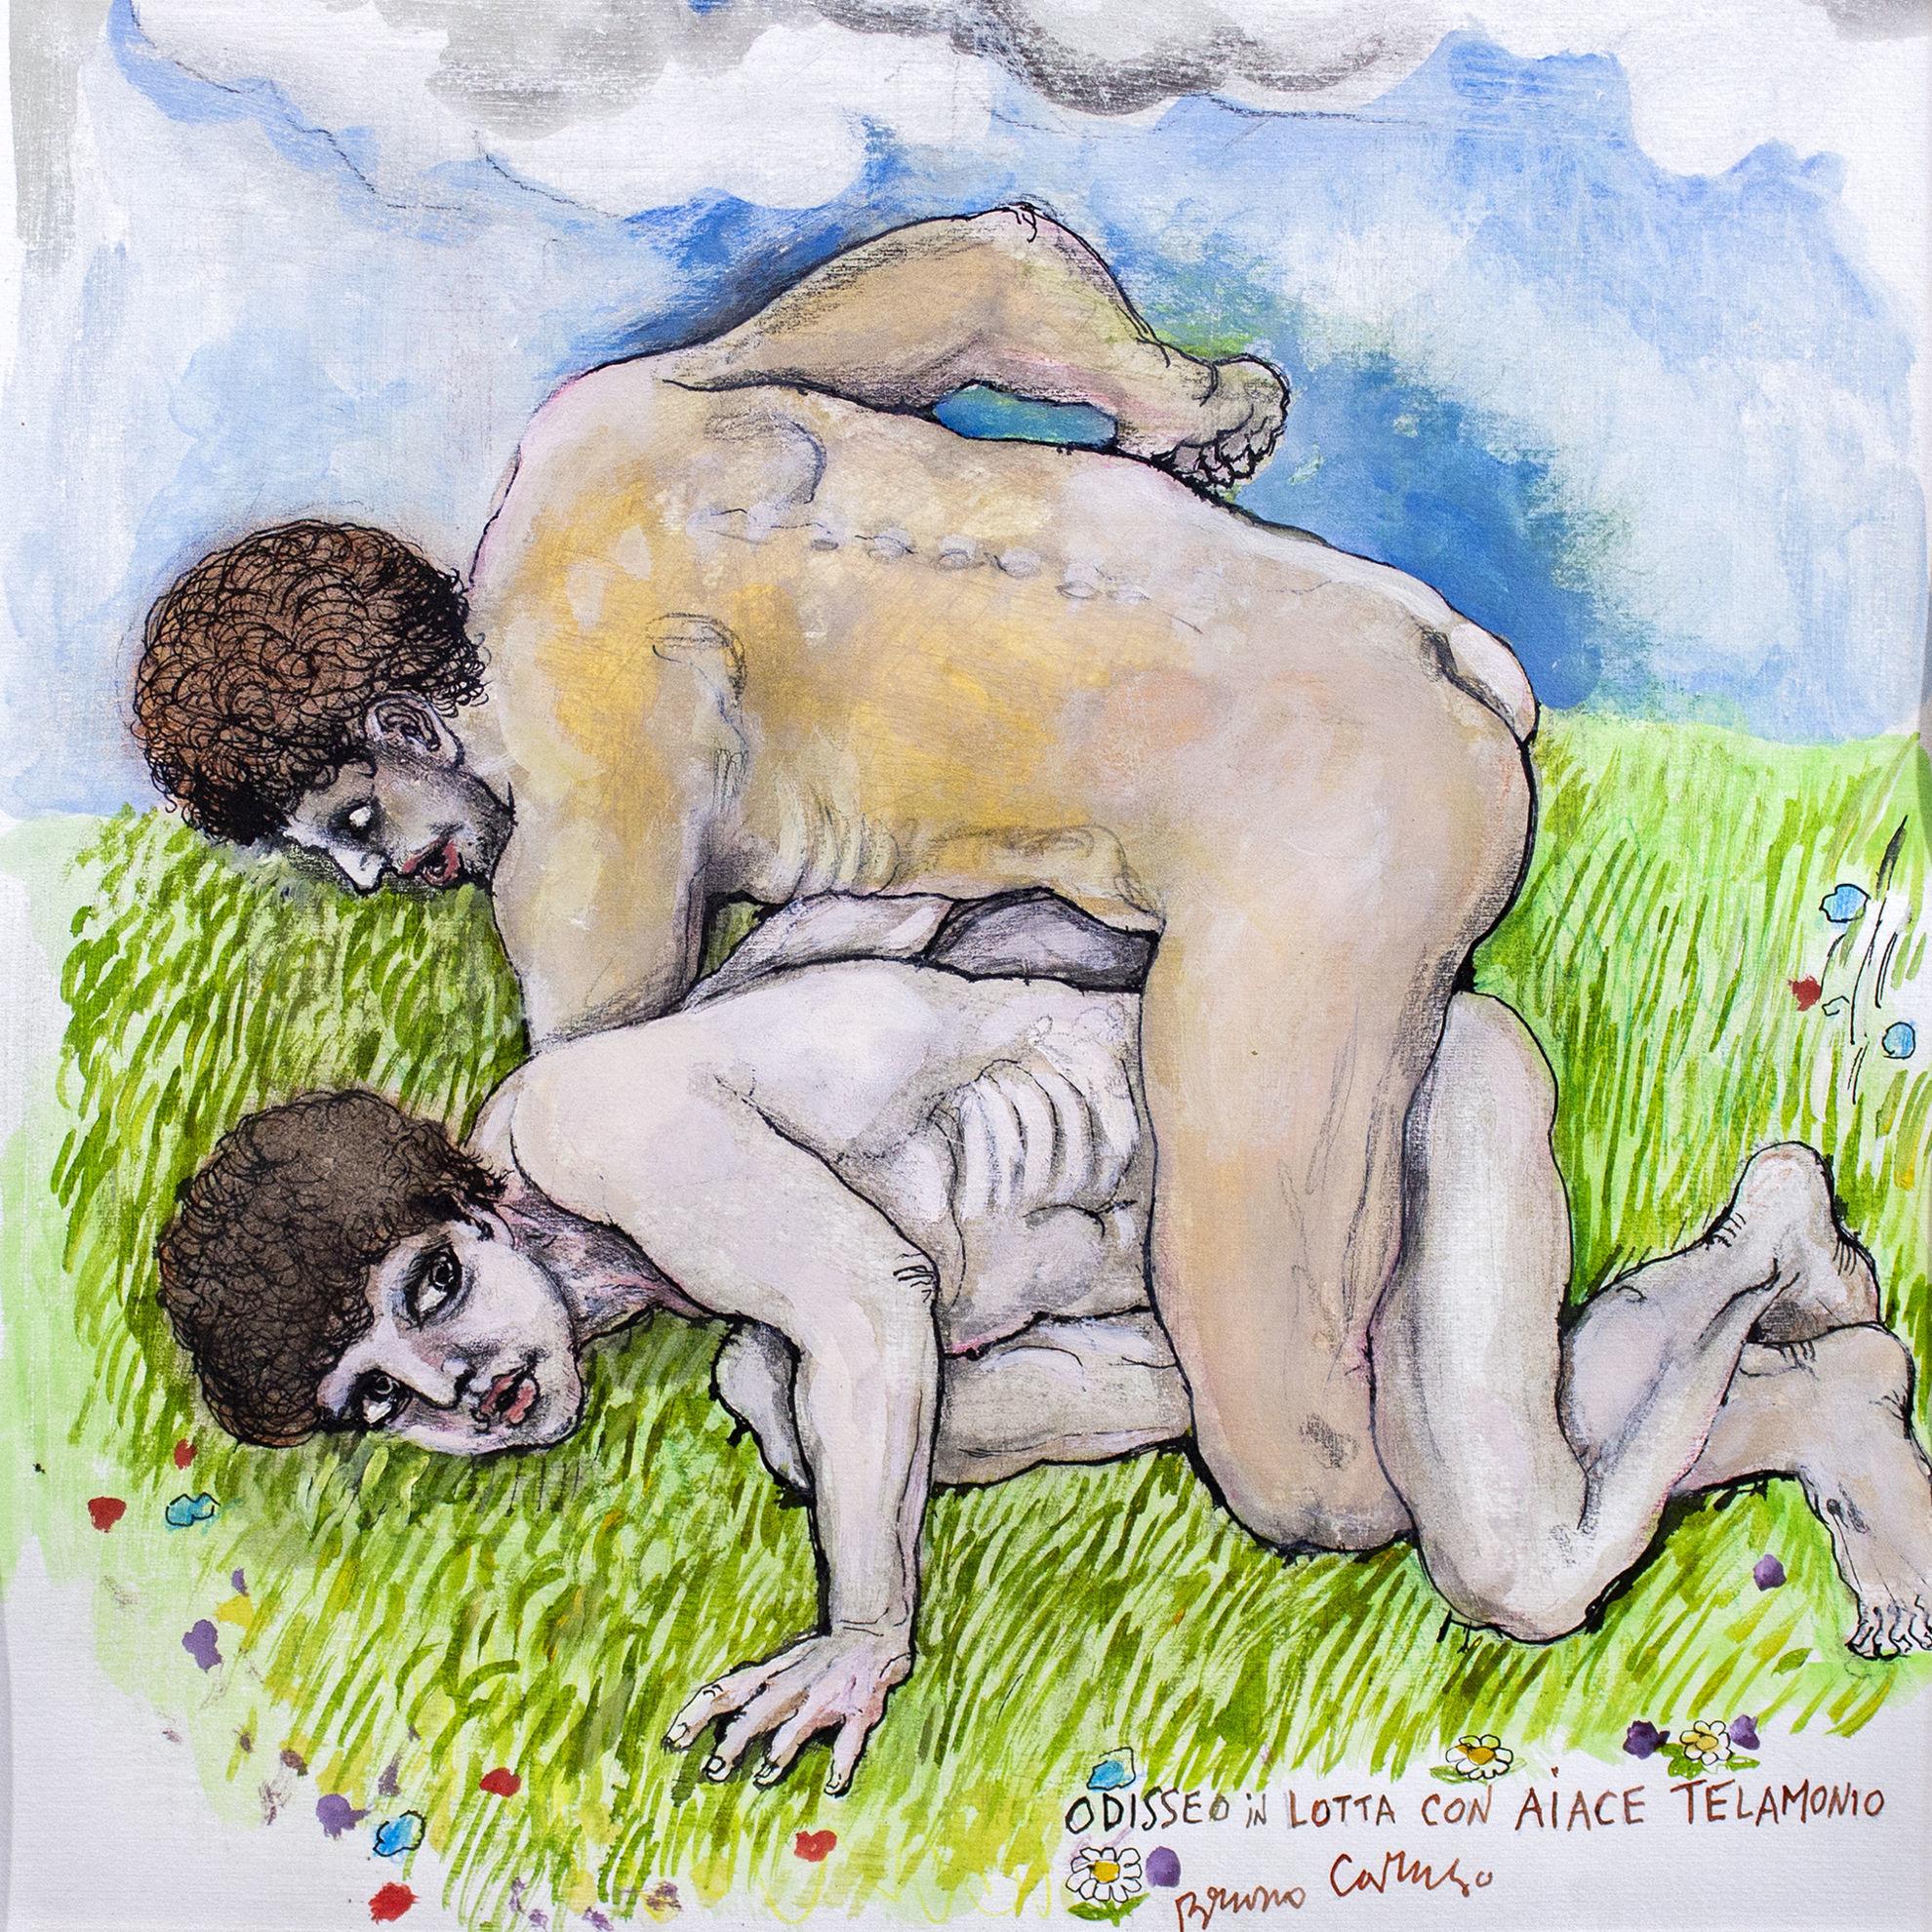 Immagine di Odisseo in lotta con Aiace Telamonio